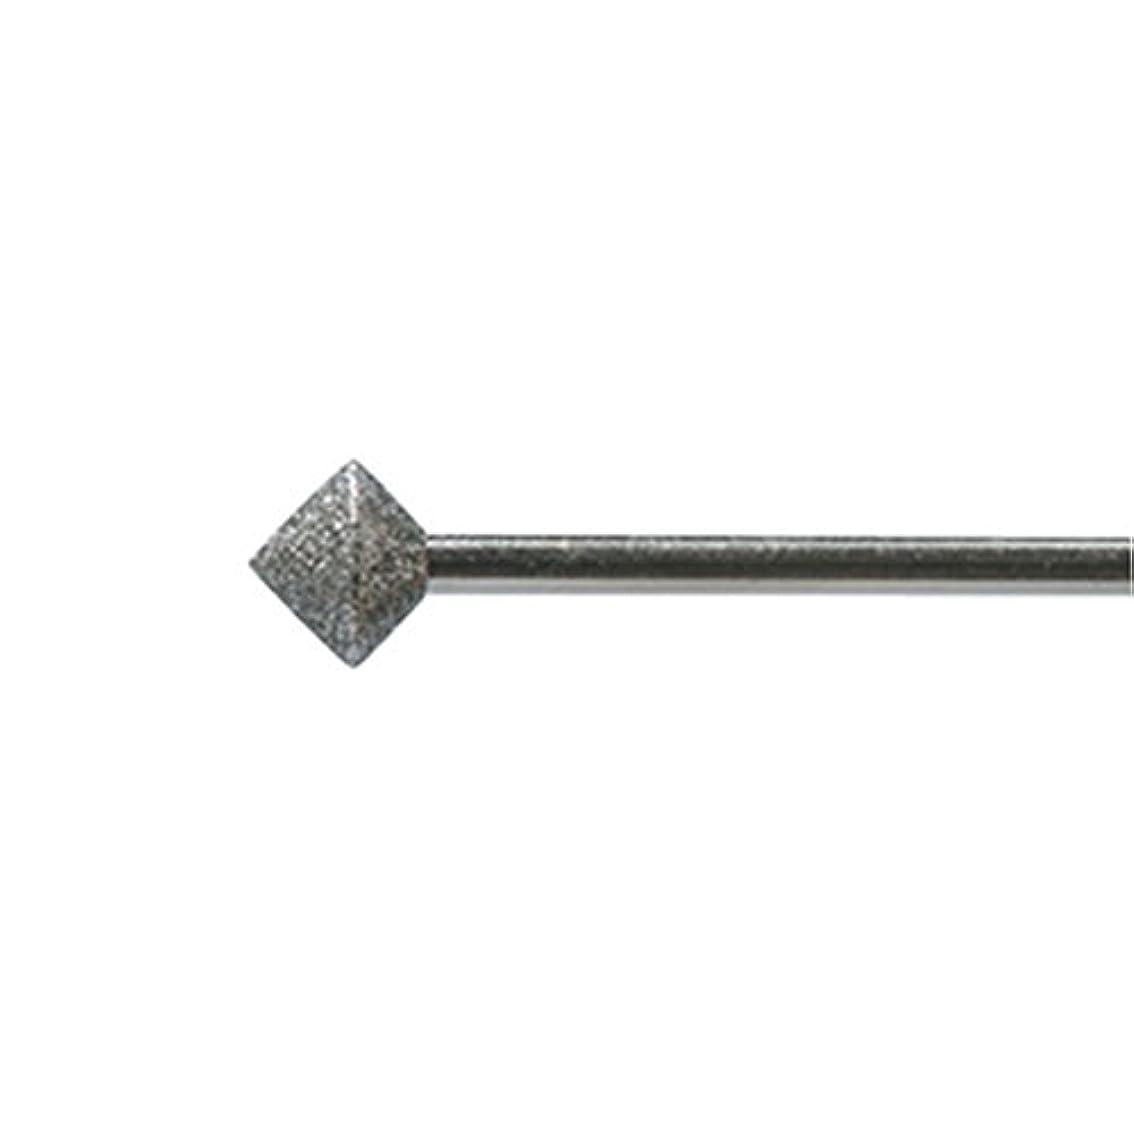 一般ショッキングアラビア語ダイヤ フレンチフィルD1717